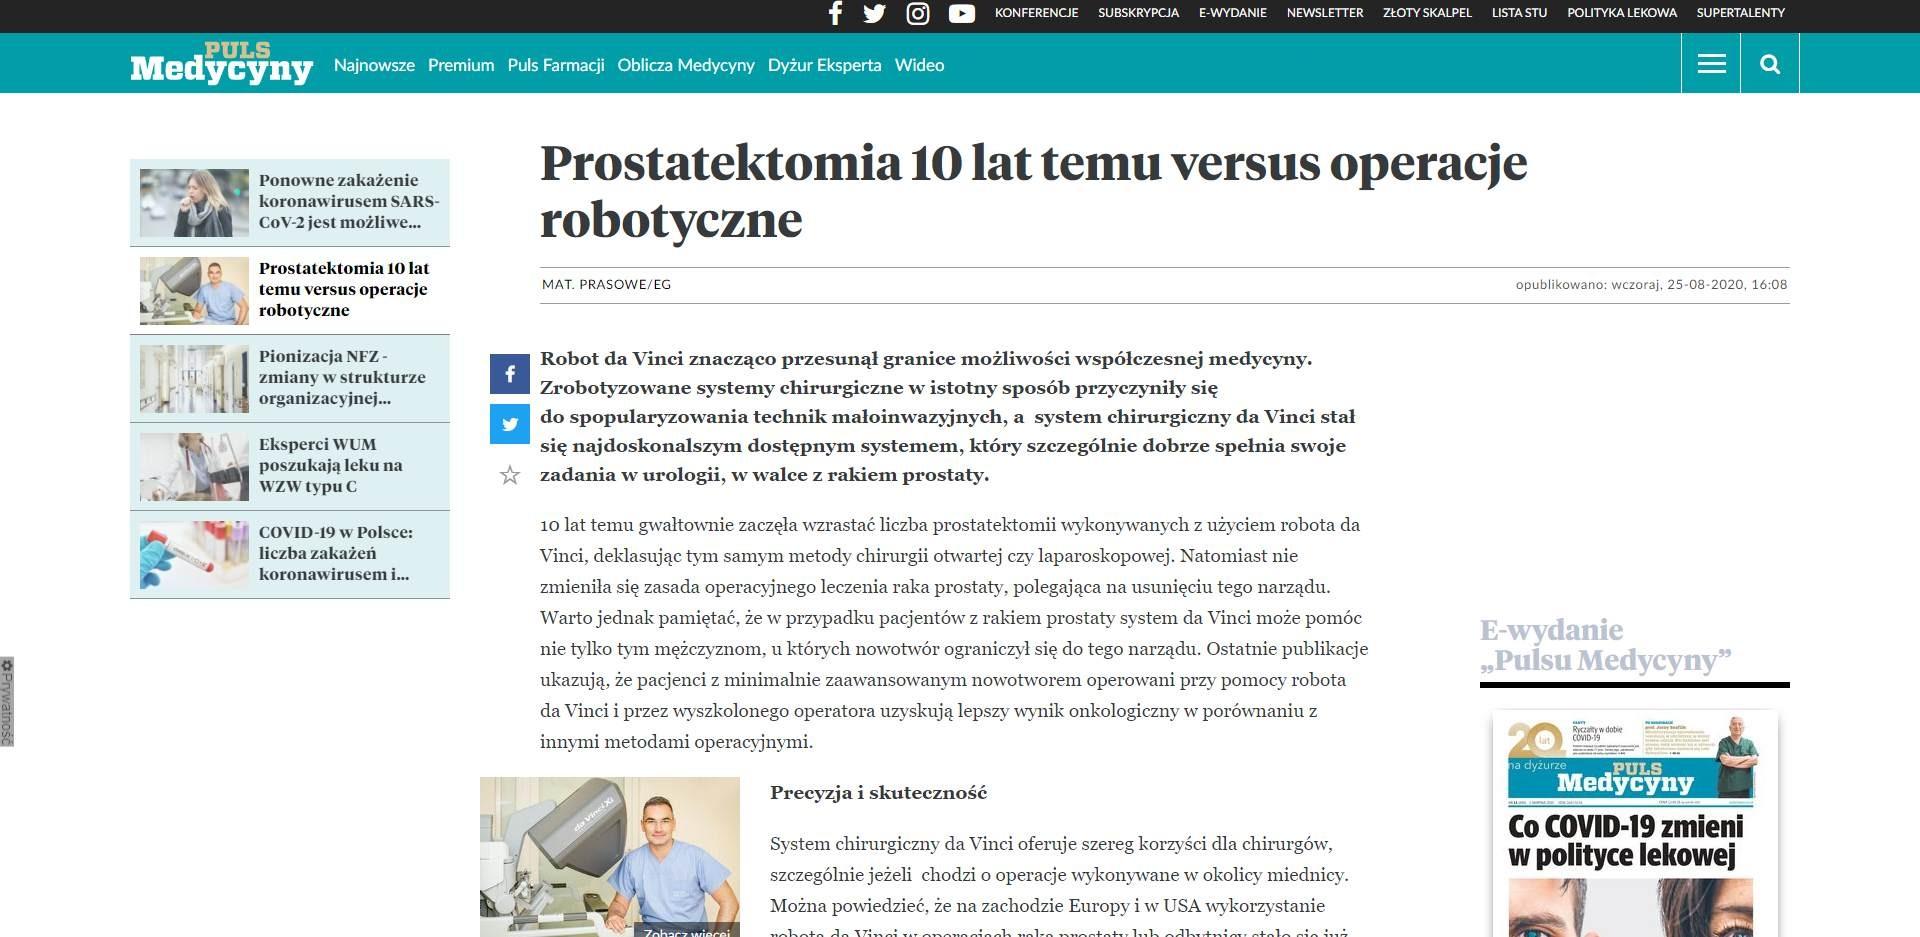 prostatektomia lat temu versus operacje robotyczne